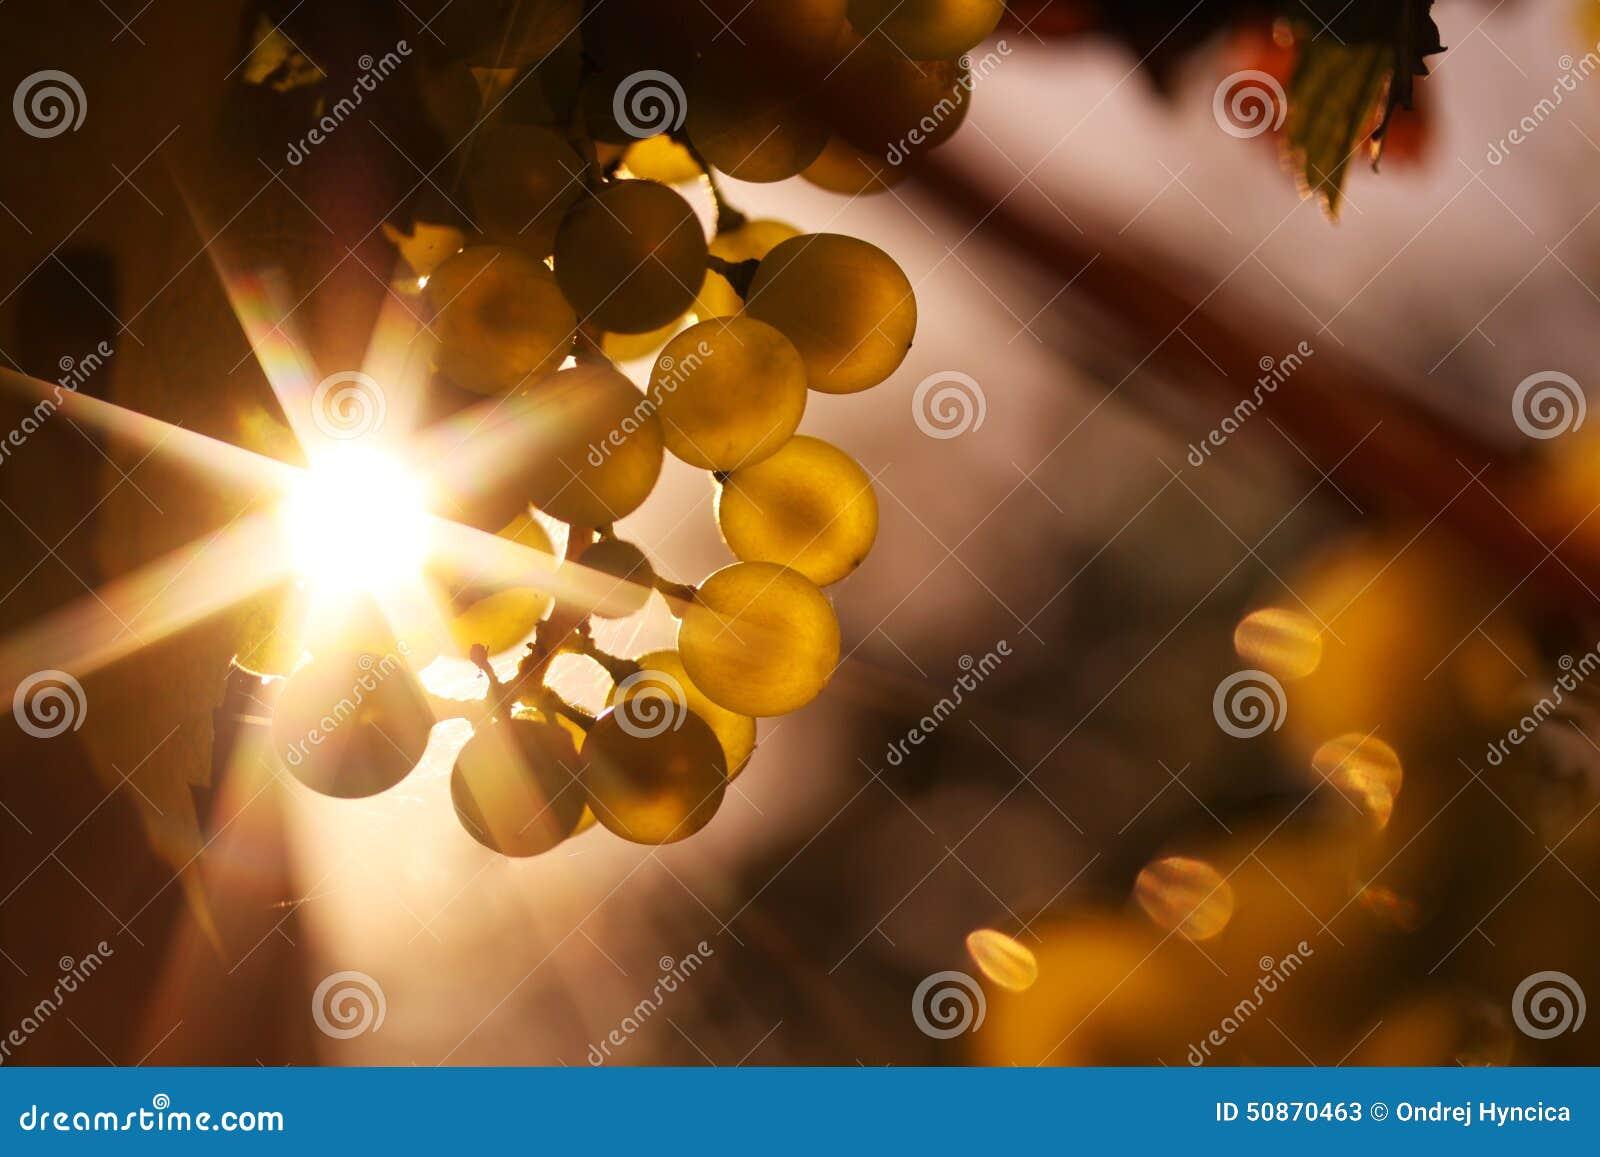 Dojrzali win winogrona i wino w świetle słonecznym grają główna rolę